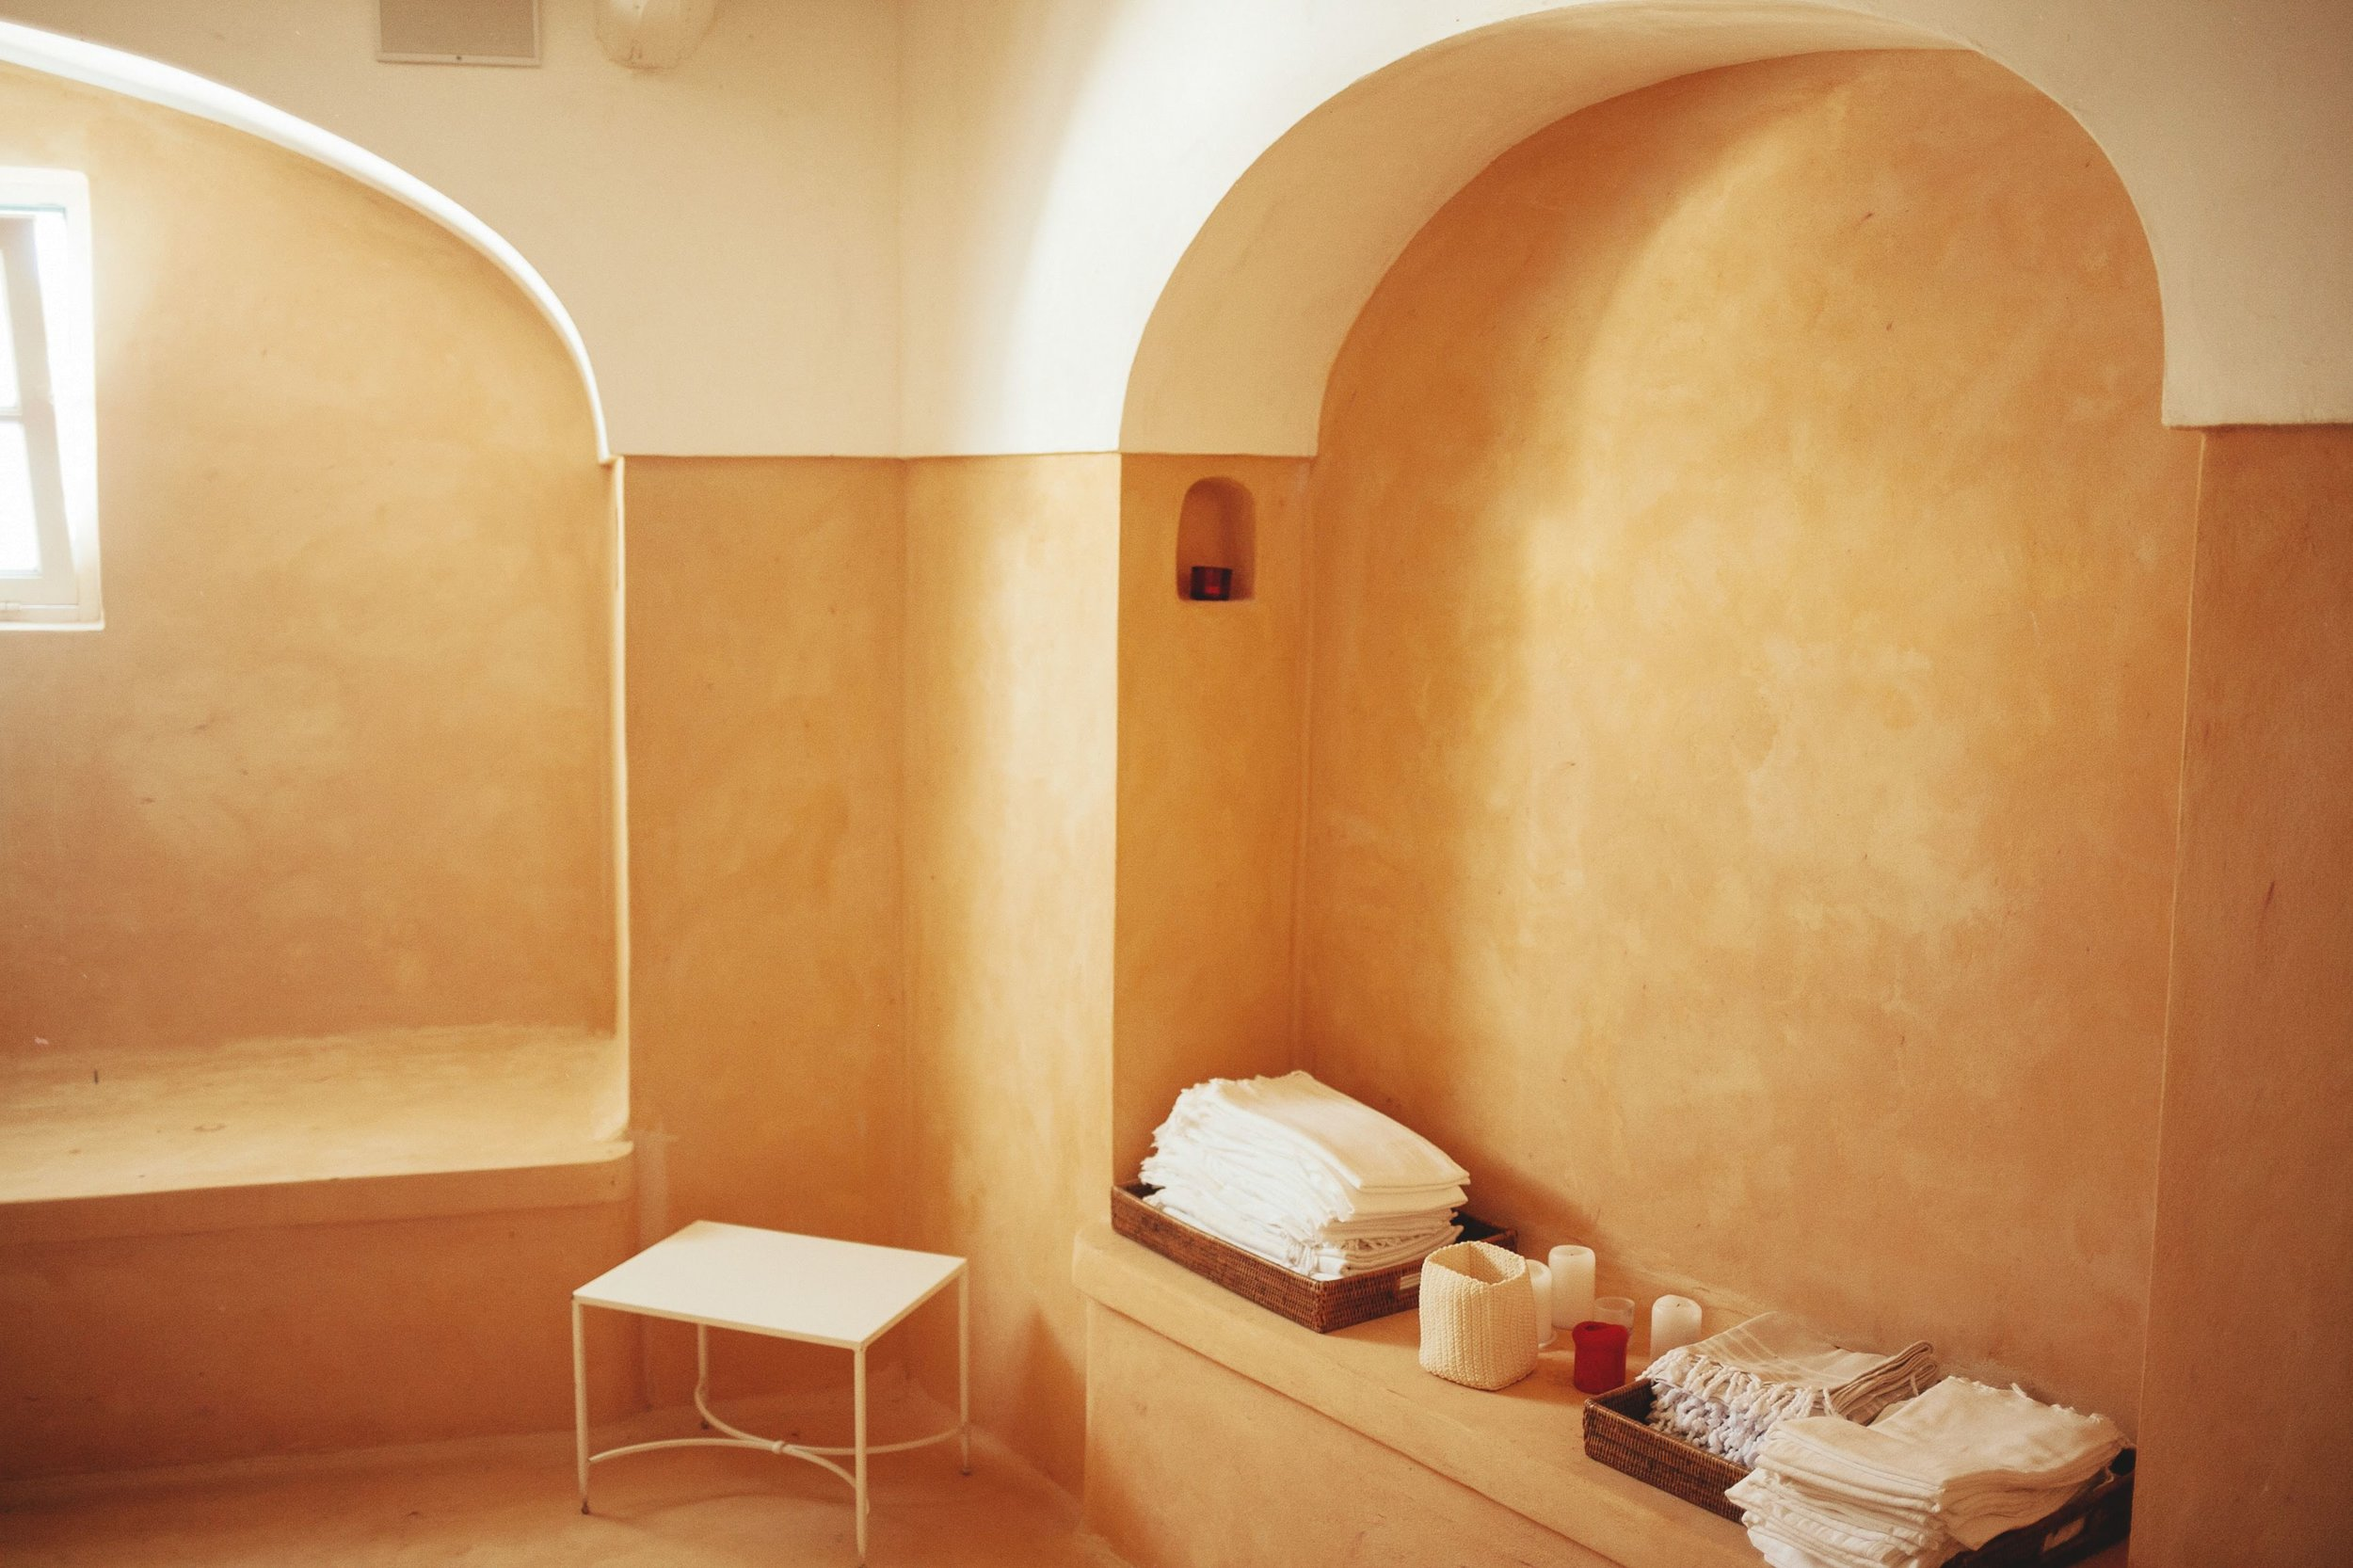 Particolare sala relax centro benessere.jpg